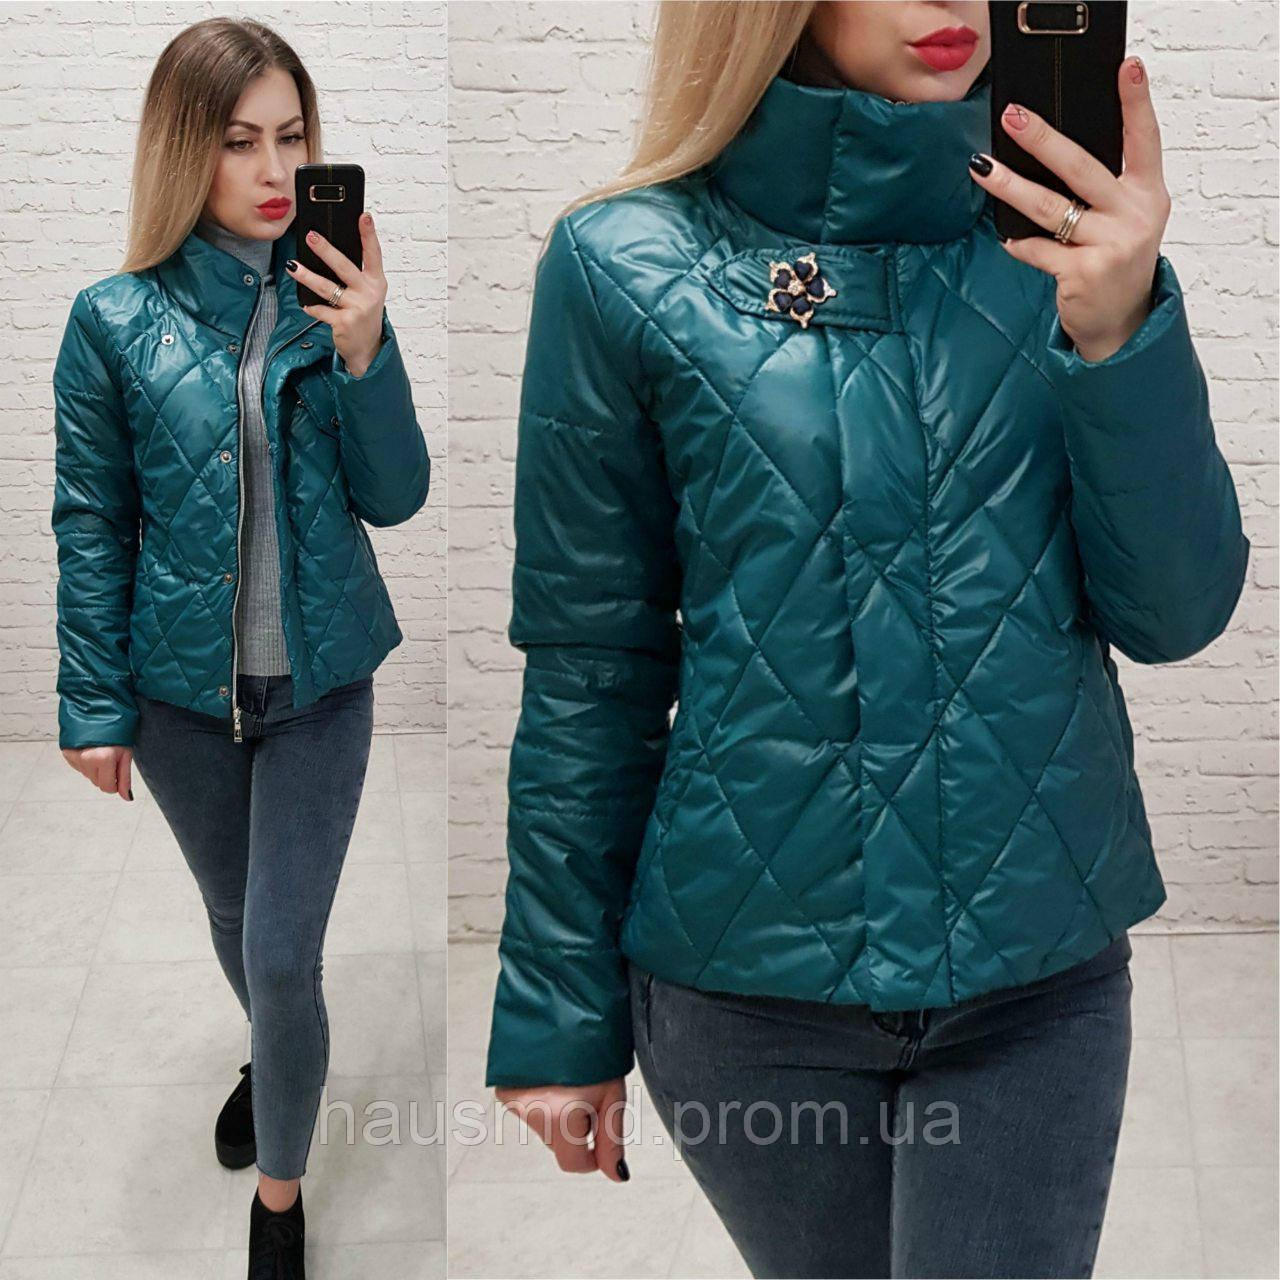 Женская куртка на синтепоне весна осень фабричный китай темно-зеленая